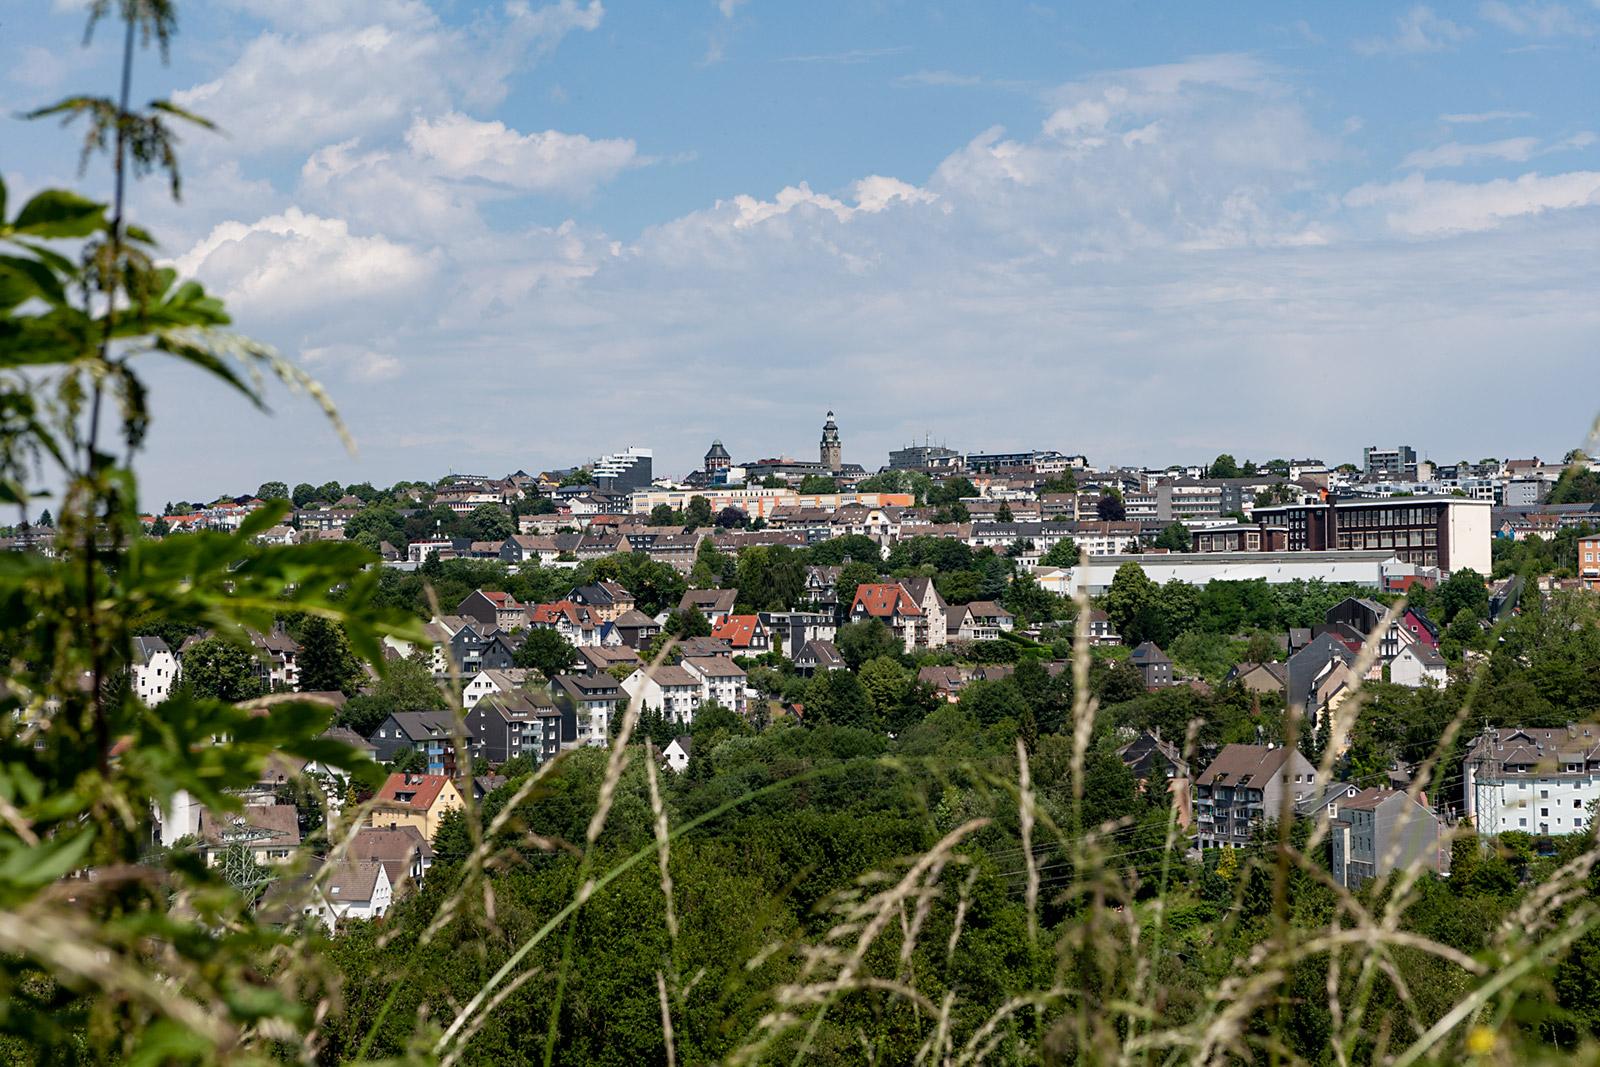 Ergänzungsantrag zum Radverkehrskonzept der Stadt Remscheid (15/6265)